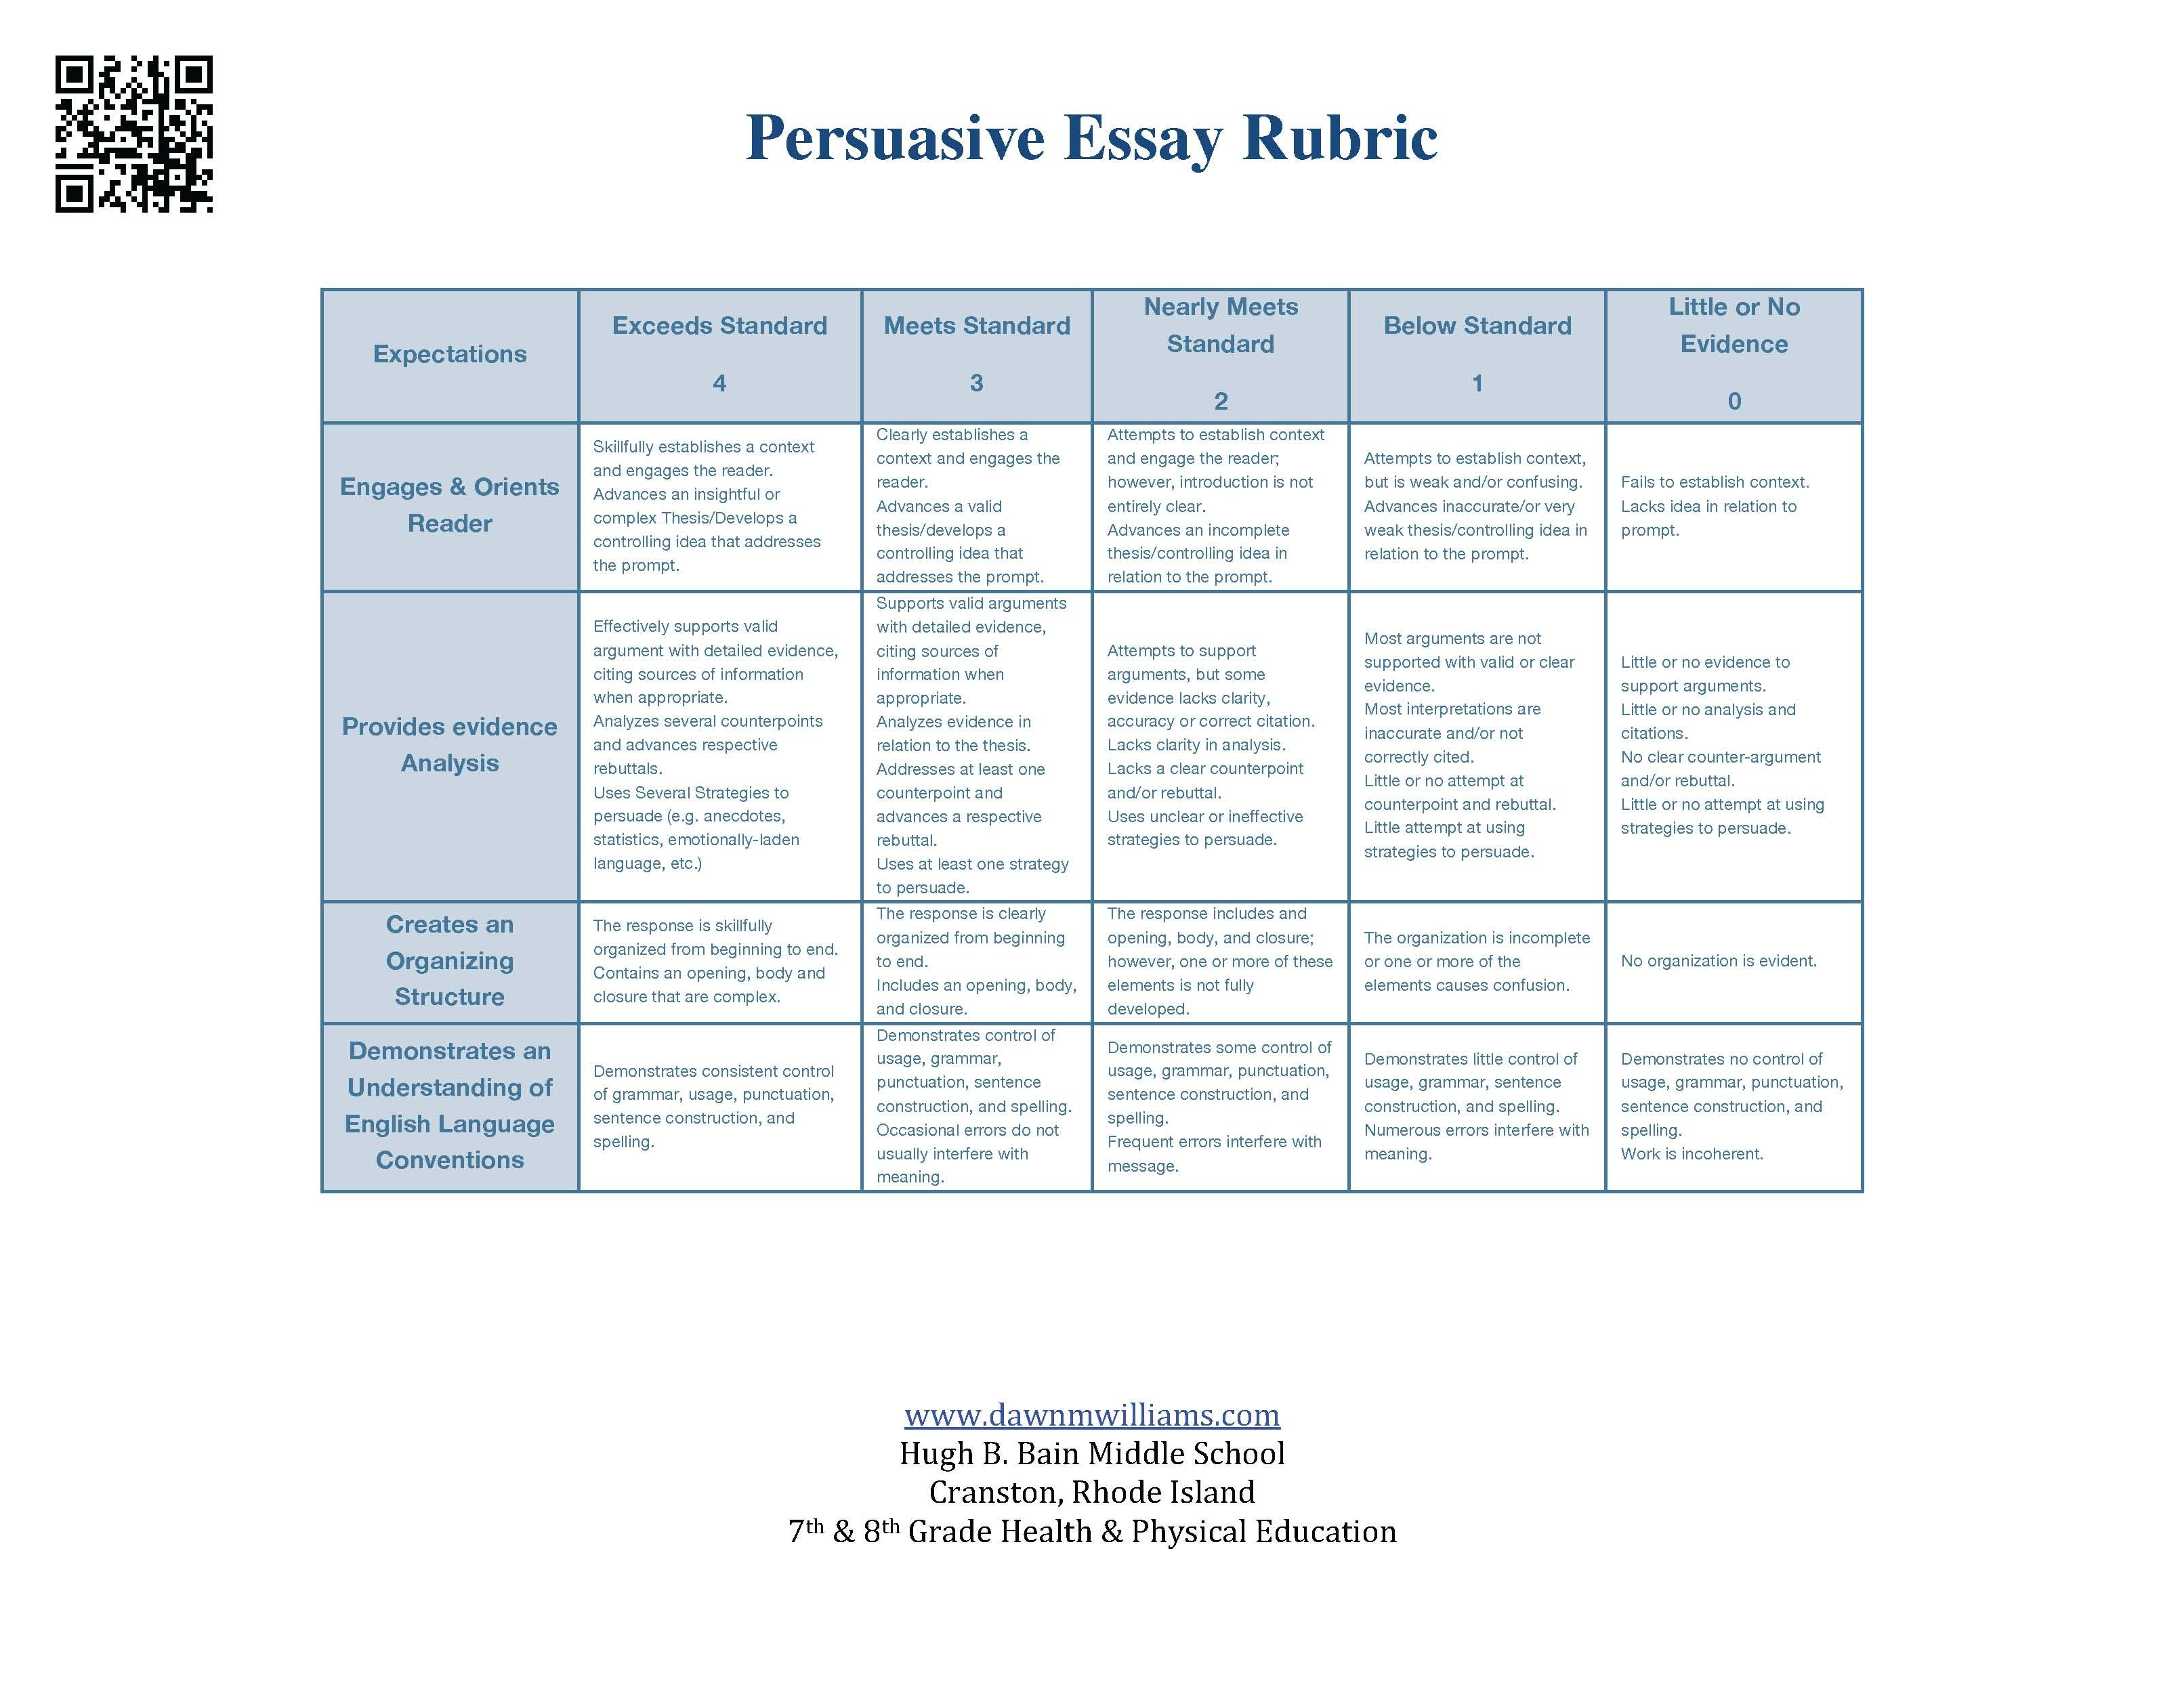 003 Essay Example Argumentative Surprising Rubric Grade 7 Persuasive 10th Full